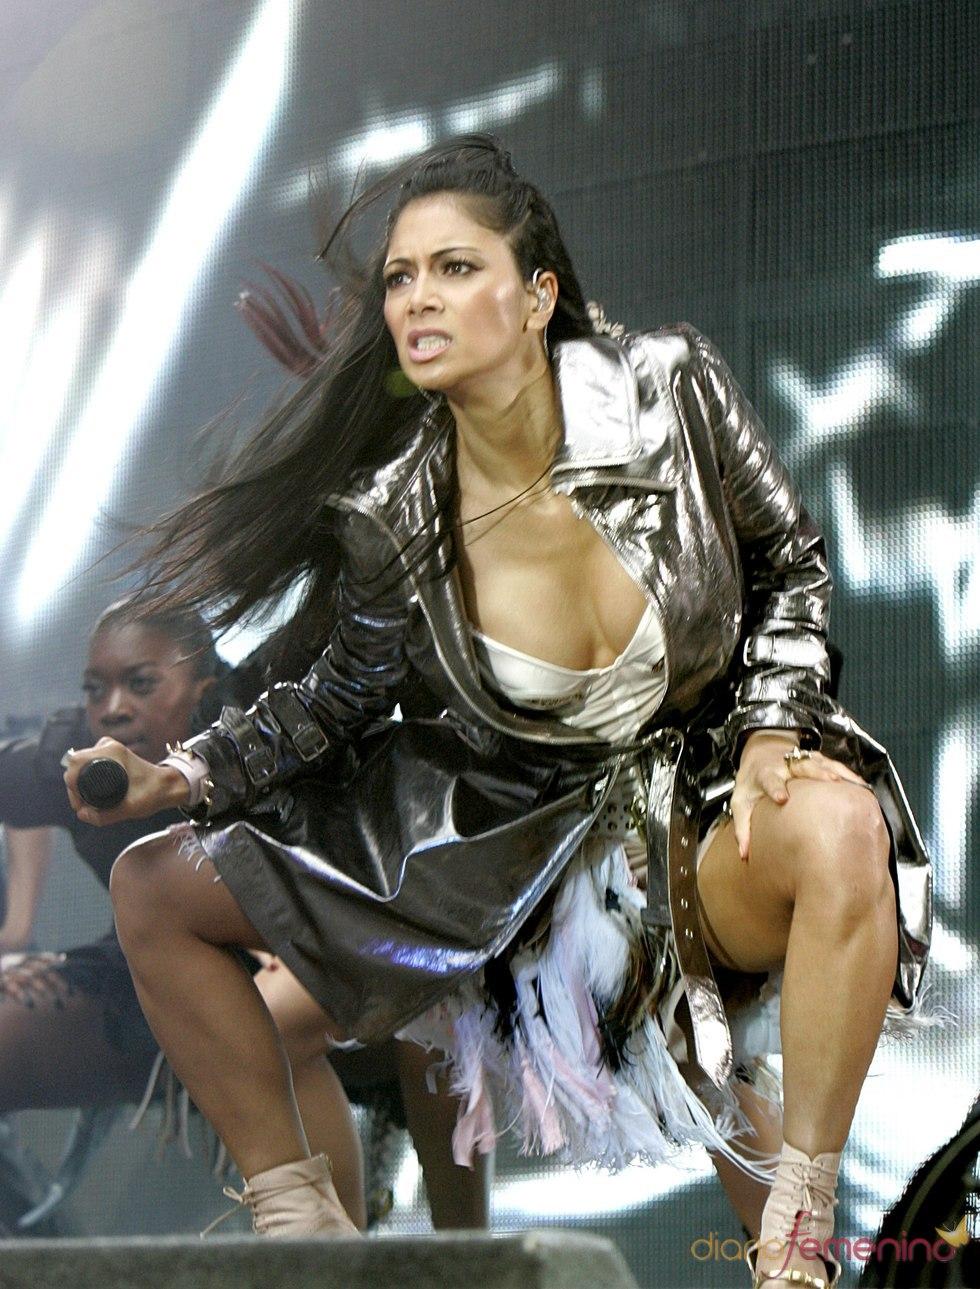 Nicole Scherzinger durante su actuación en el Summertime Ball 2011